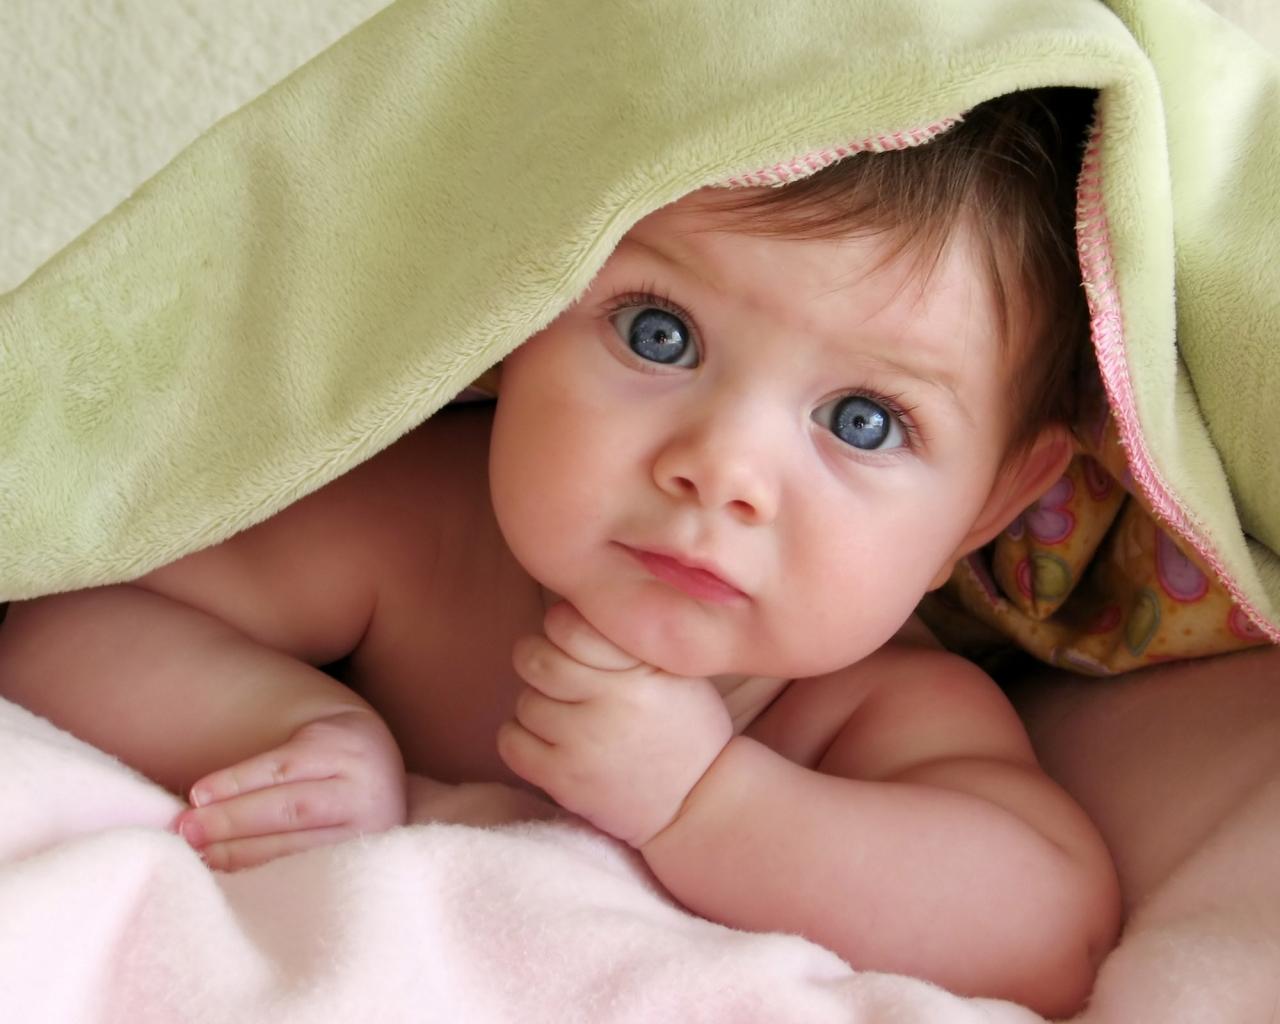 Un lindo bebe - 1280x1024